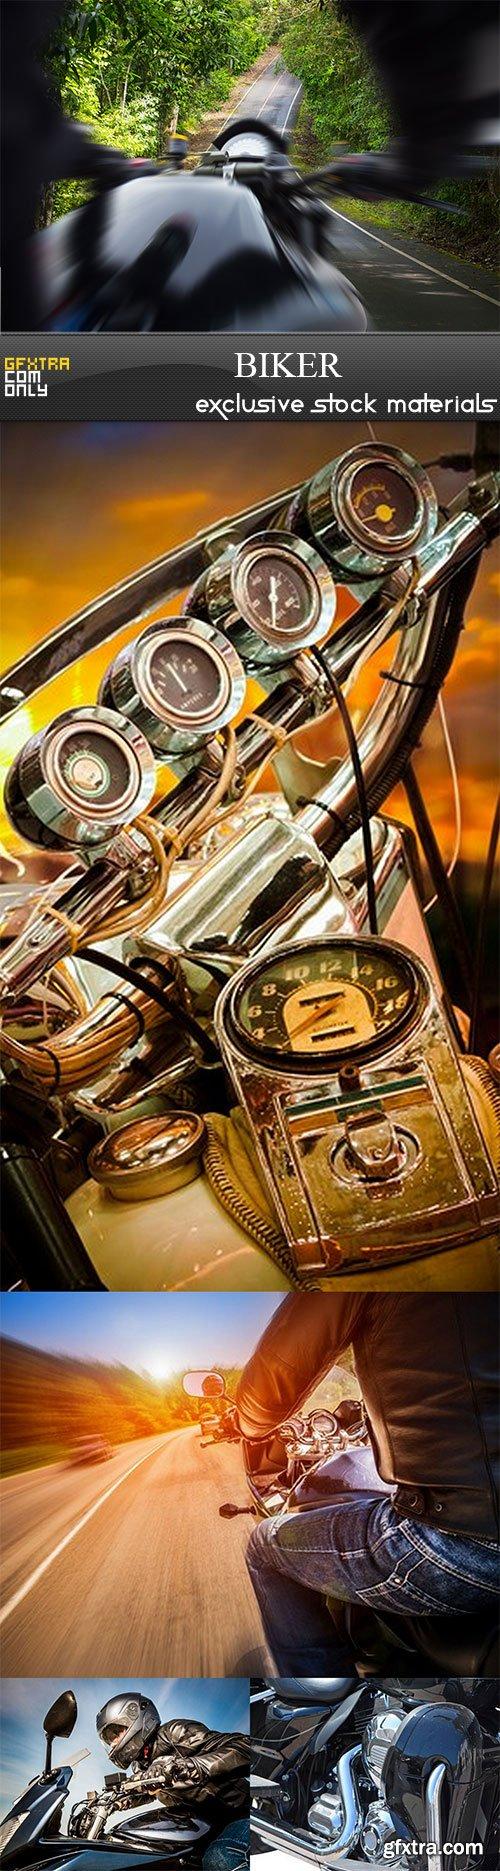 Biker - 5 UHQ JPEG